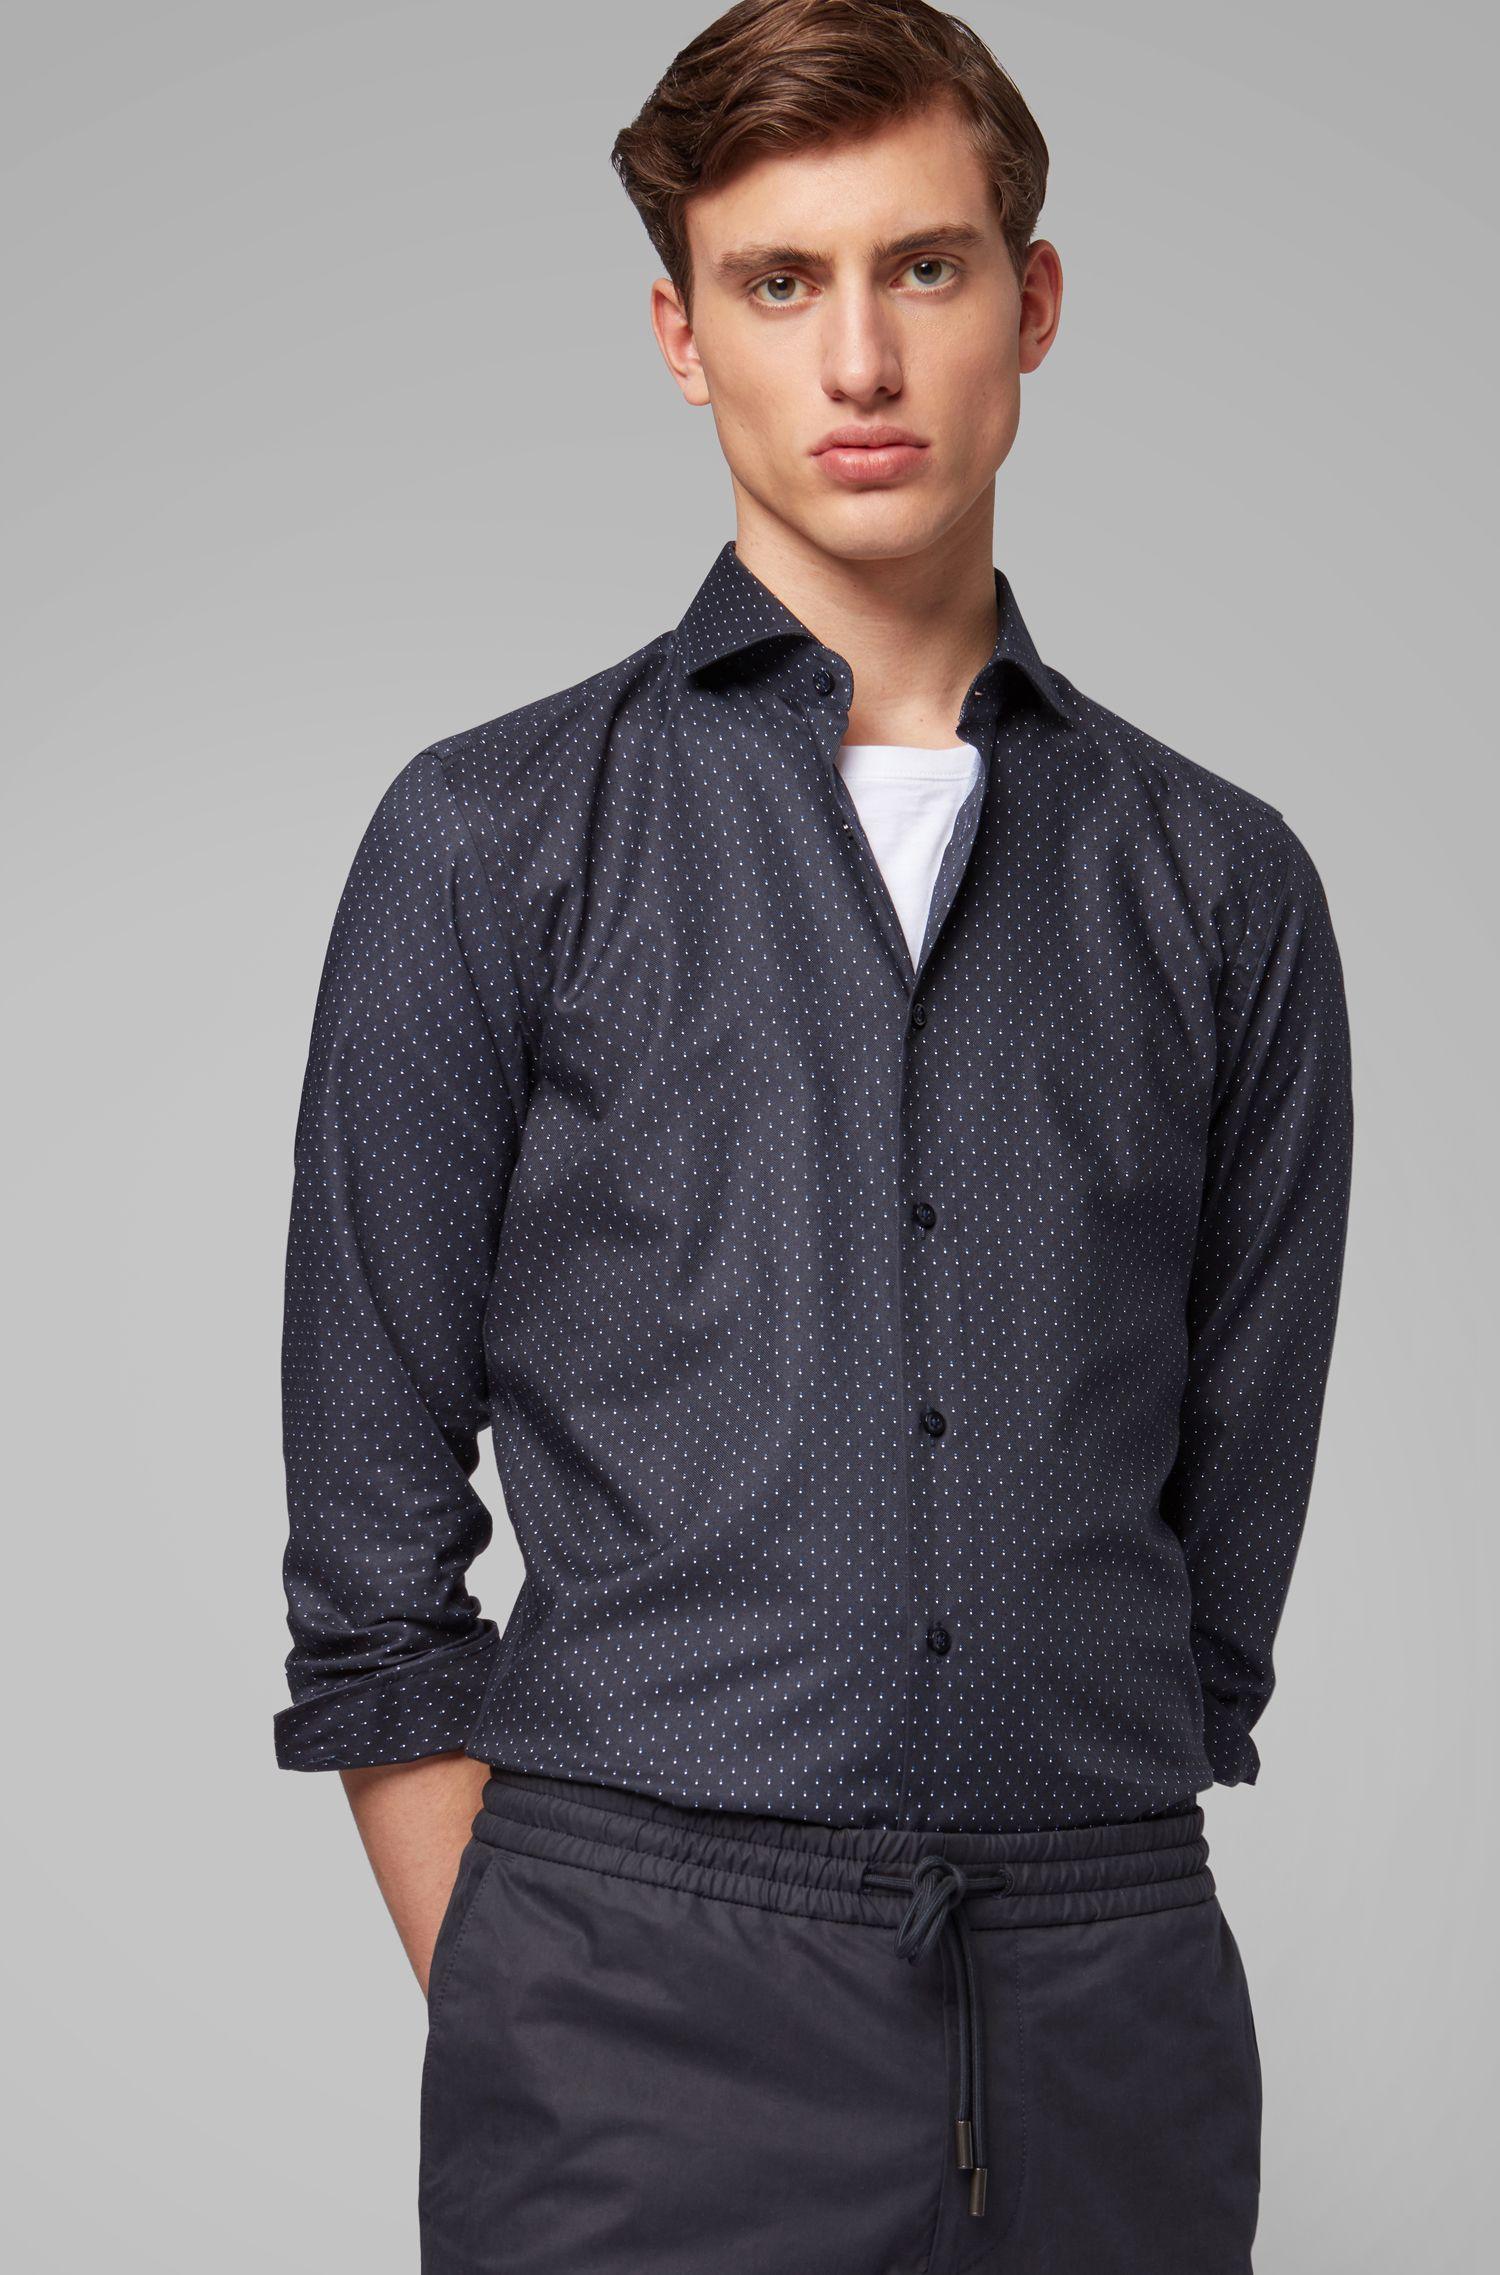 Slim-Fit Hemd aus italienischer Baumwolle mit Punkte-Print, Dunkelblau